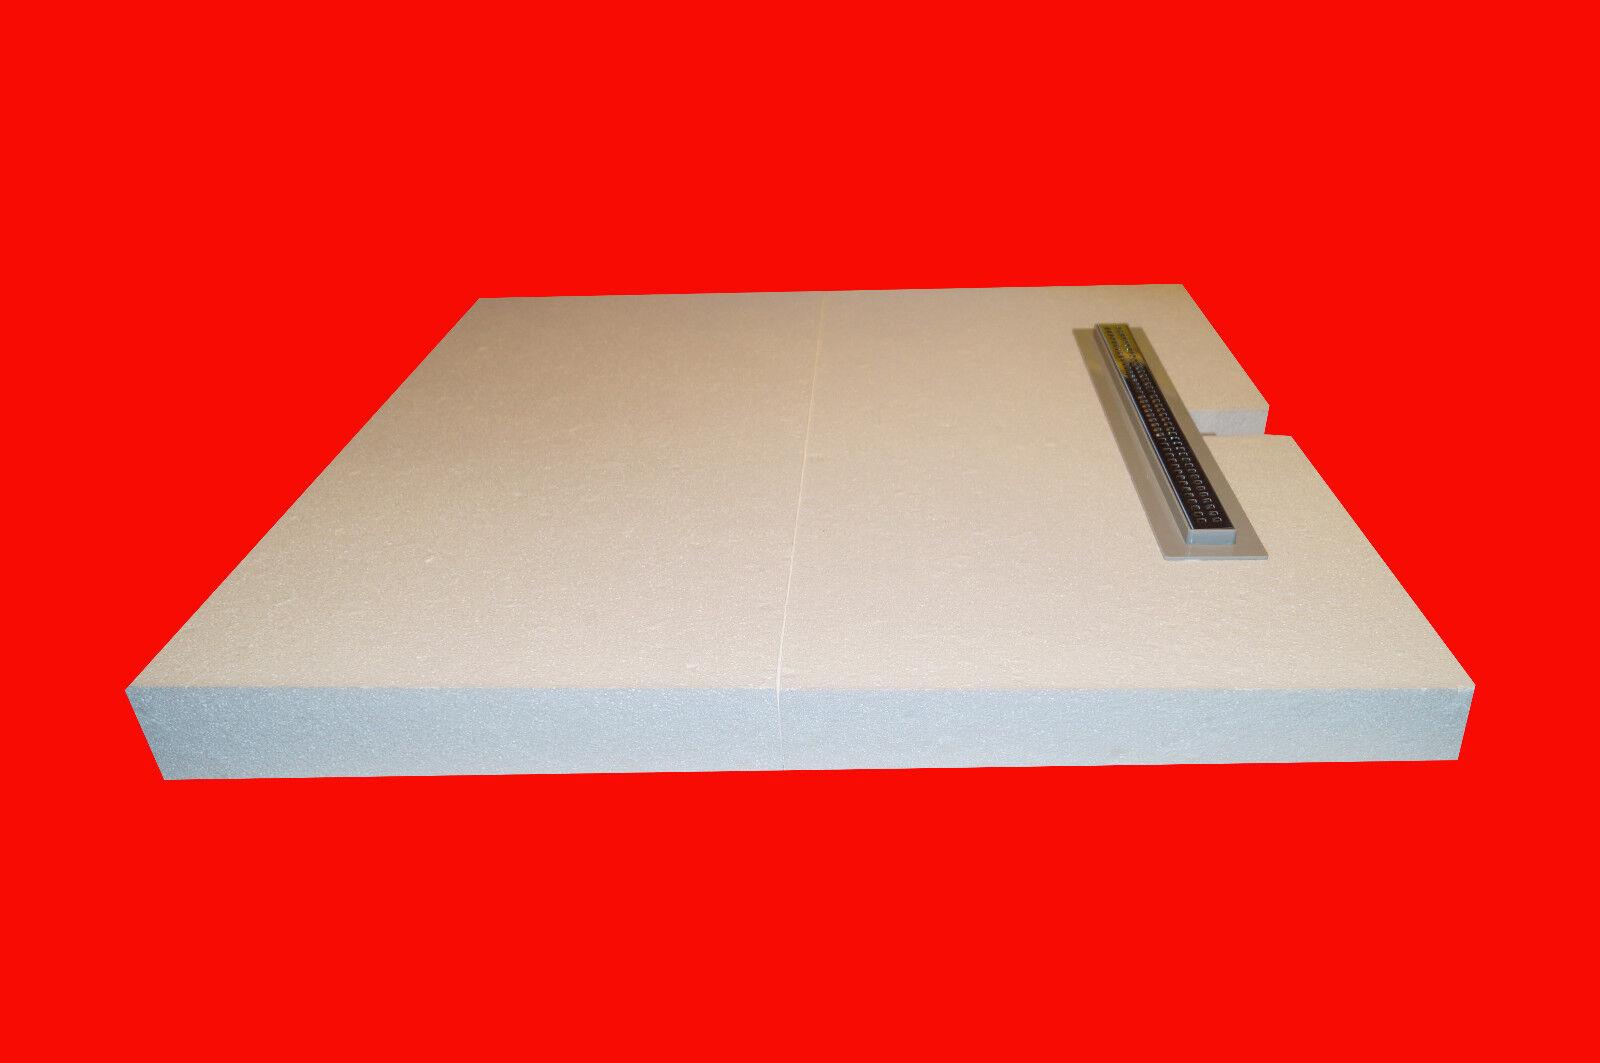 Duschelement 90x90 cm mit Eckablauf befliesbar und bodeneben